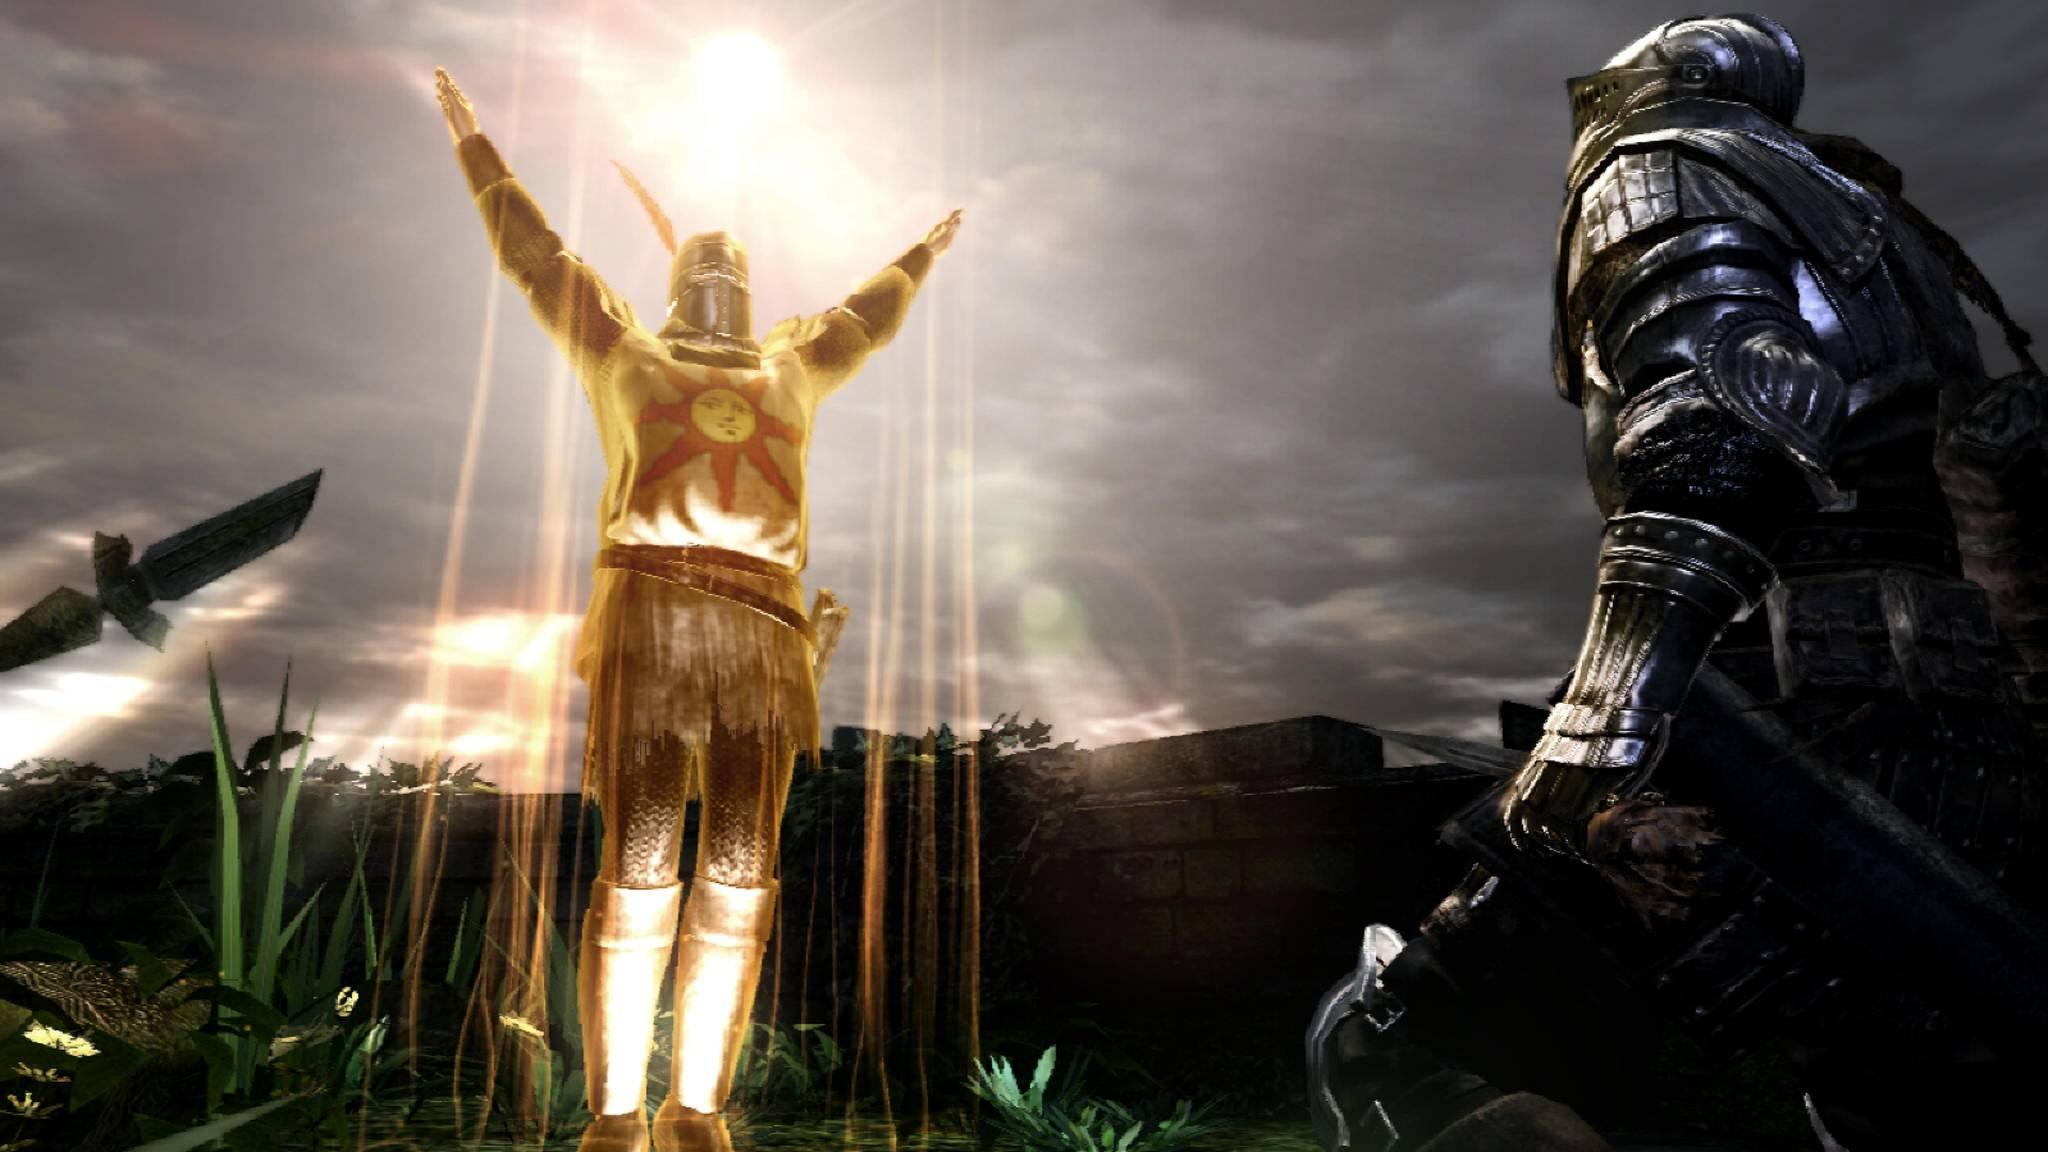 """Solaire würde mir zustimmen: """"Dark Souls"""" ist das wichtigste Spiel der letzten zehn Jahre."""